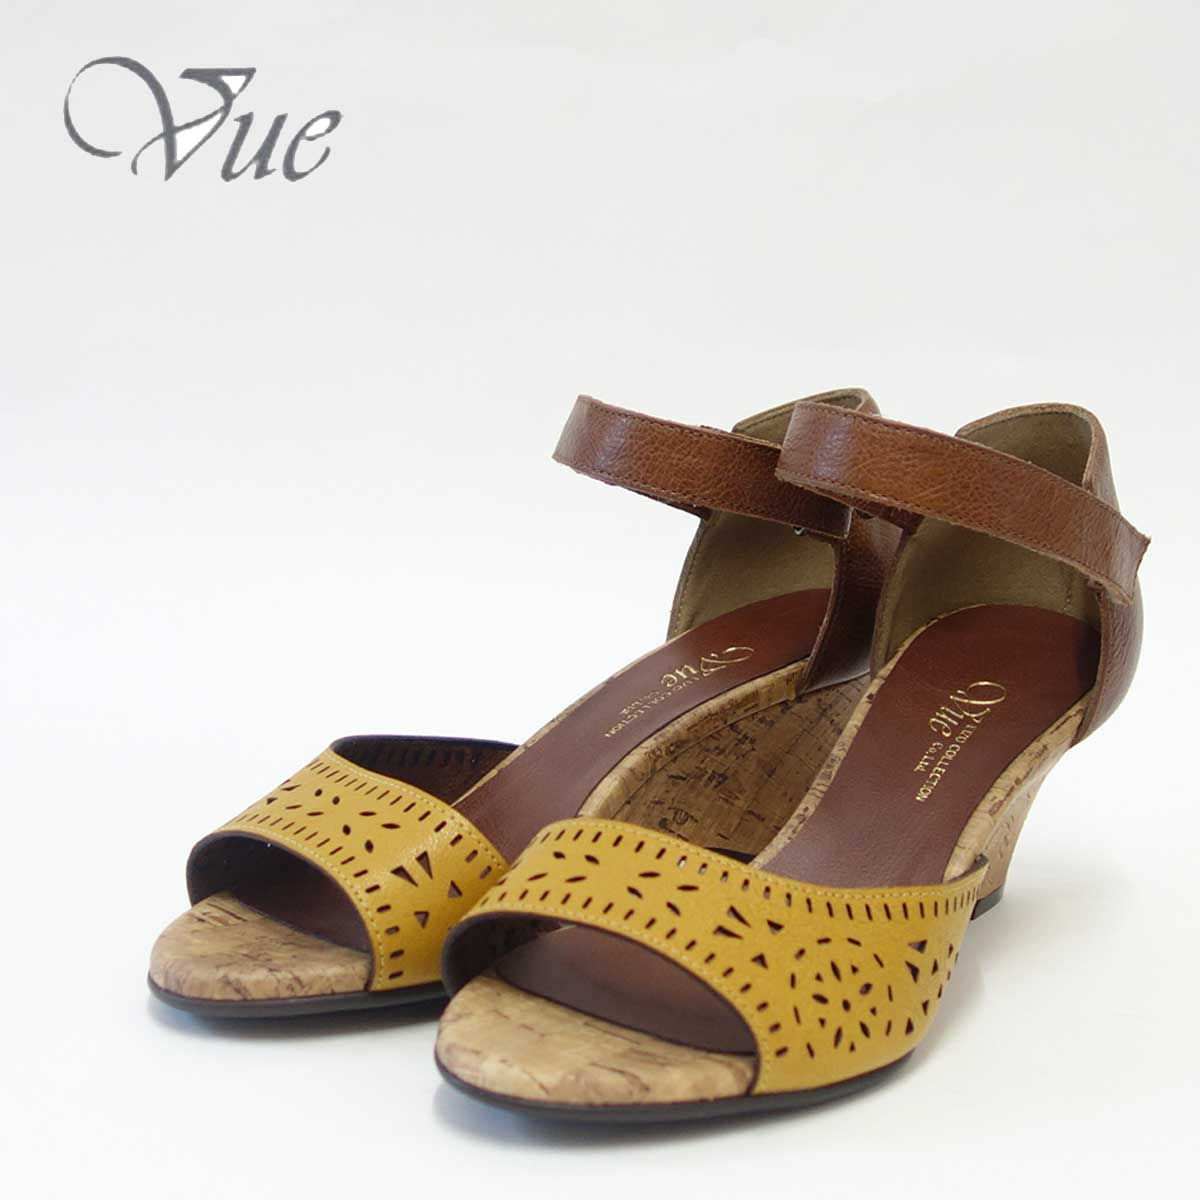 Vue ビュー EIZO Collection 55571 イエロー/ブラウンオープントゥ ウェッジシューズ「靴」